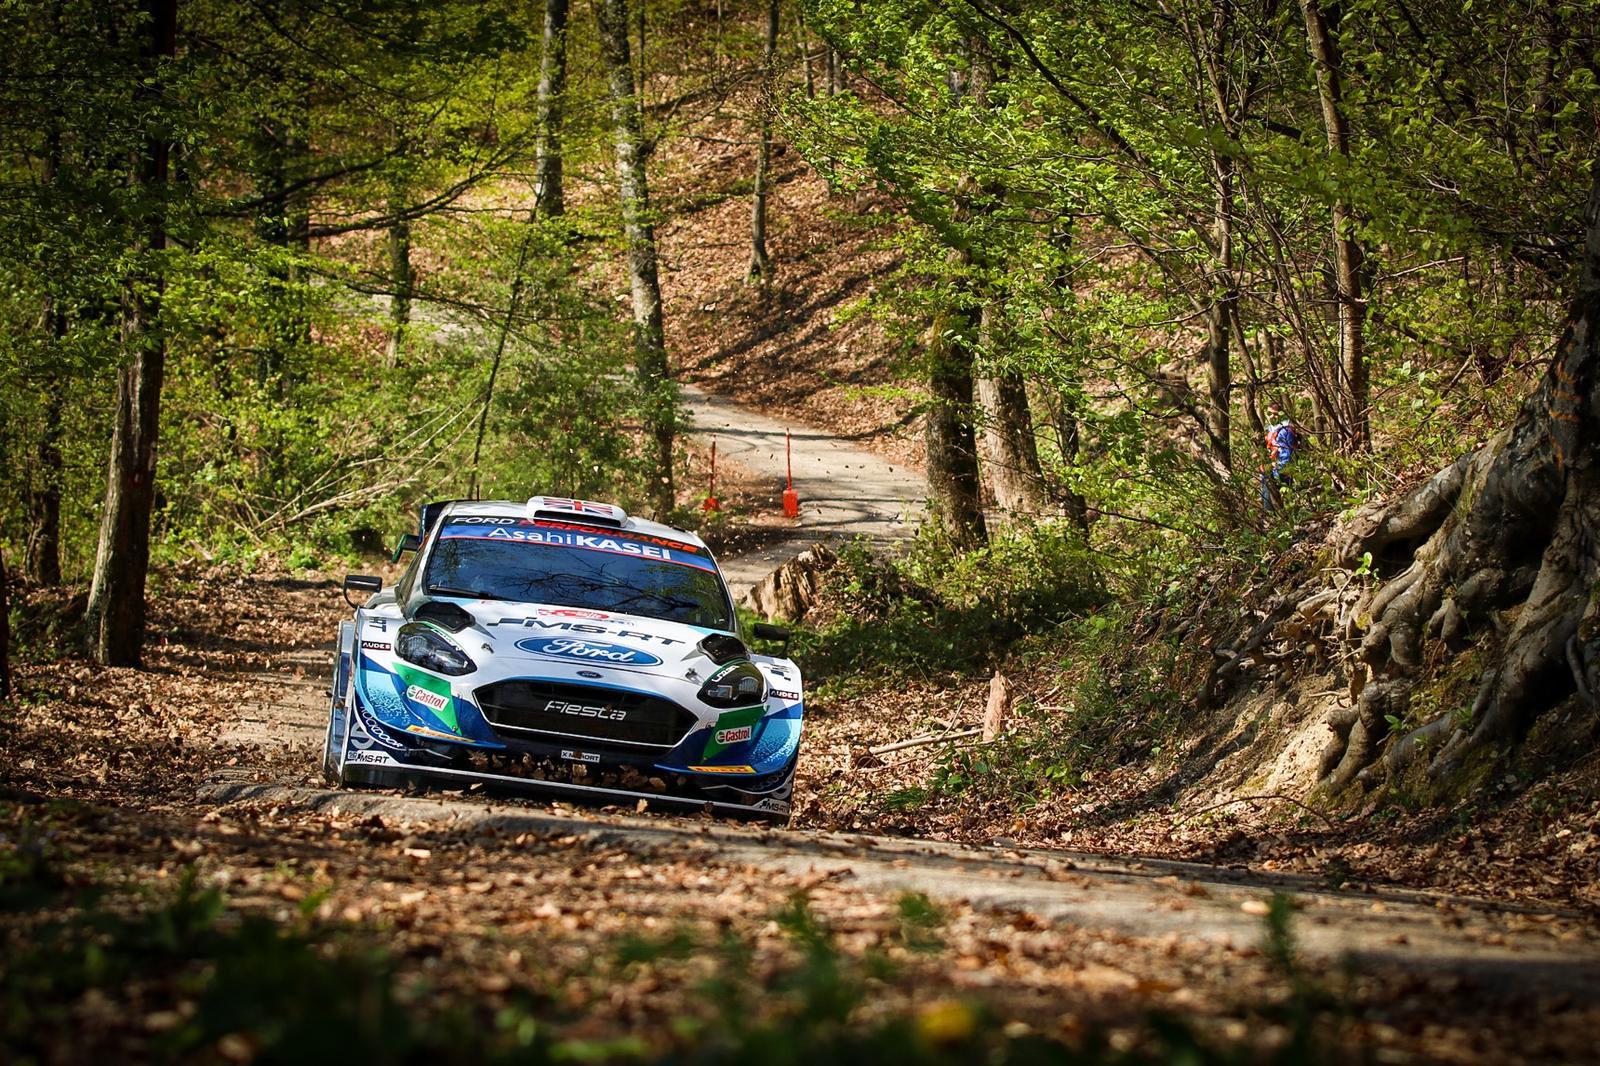 WRC: 46º Croatia Rally [22-25 Abril] - Página 3 EzkZuQwWYAMdR8B?format=jpg&name=large